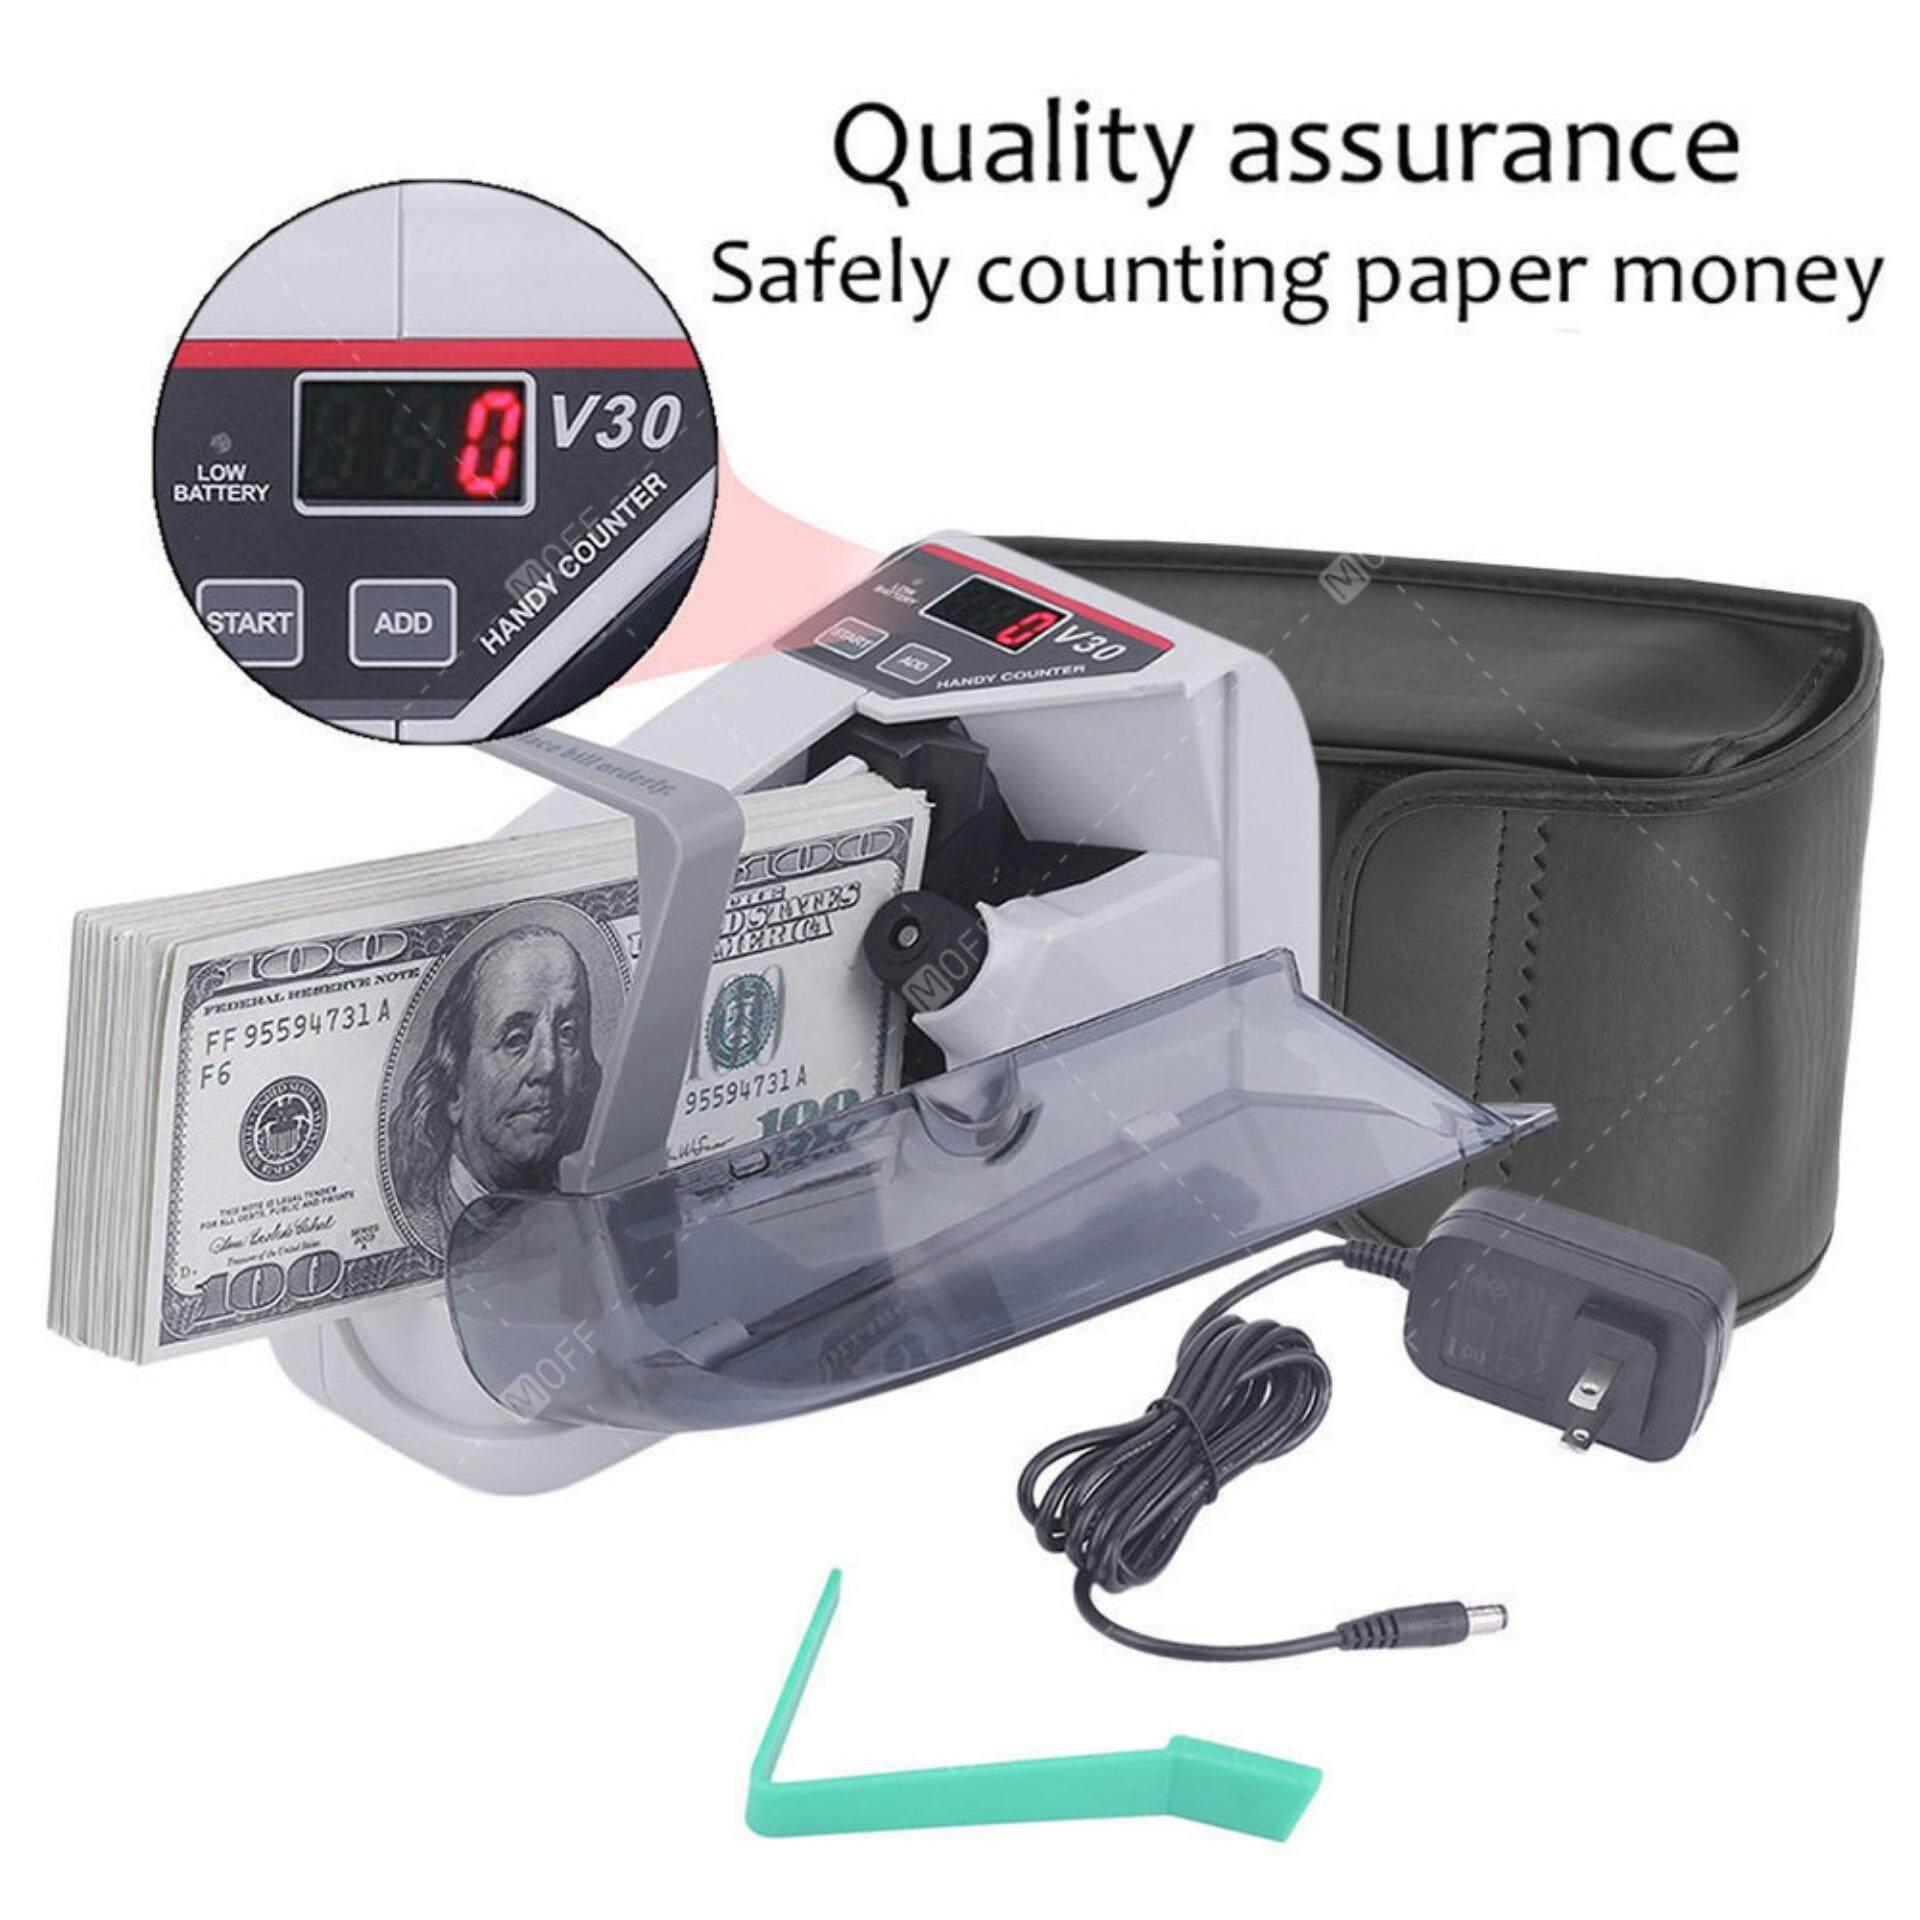 ซื้อ Moff เครื่องนับเงิน ขนาดพกพา Portable Bill Counter V30 เครื่องนับแบงค์ เครื่องนับธนบัตร ขนาดเล็ก ใช้ Adapter หรือใส่ถ่านก็ได้ รุ่น Kdo 0002 Moff ถูก